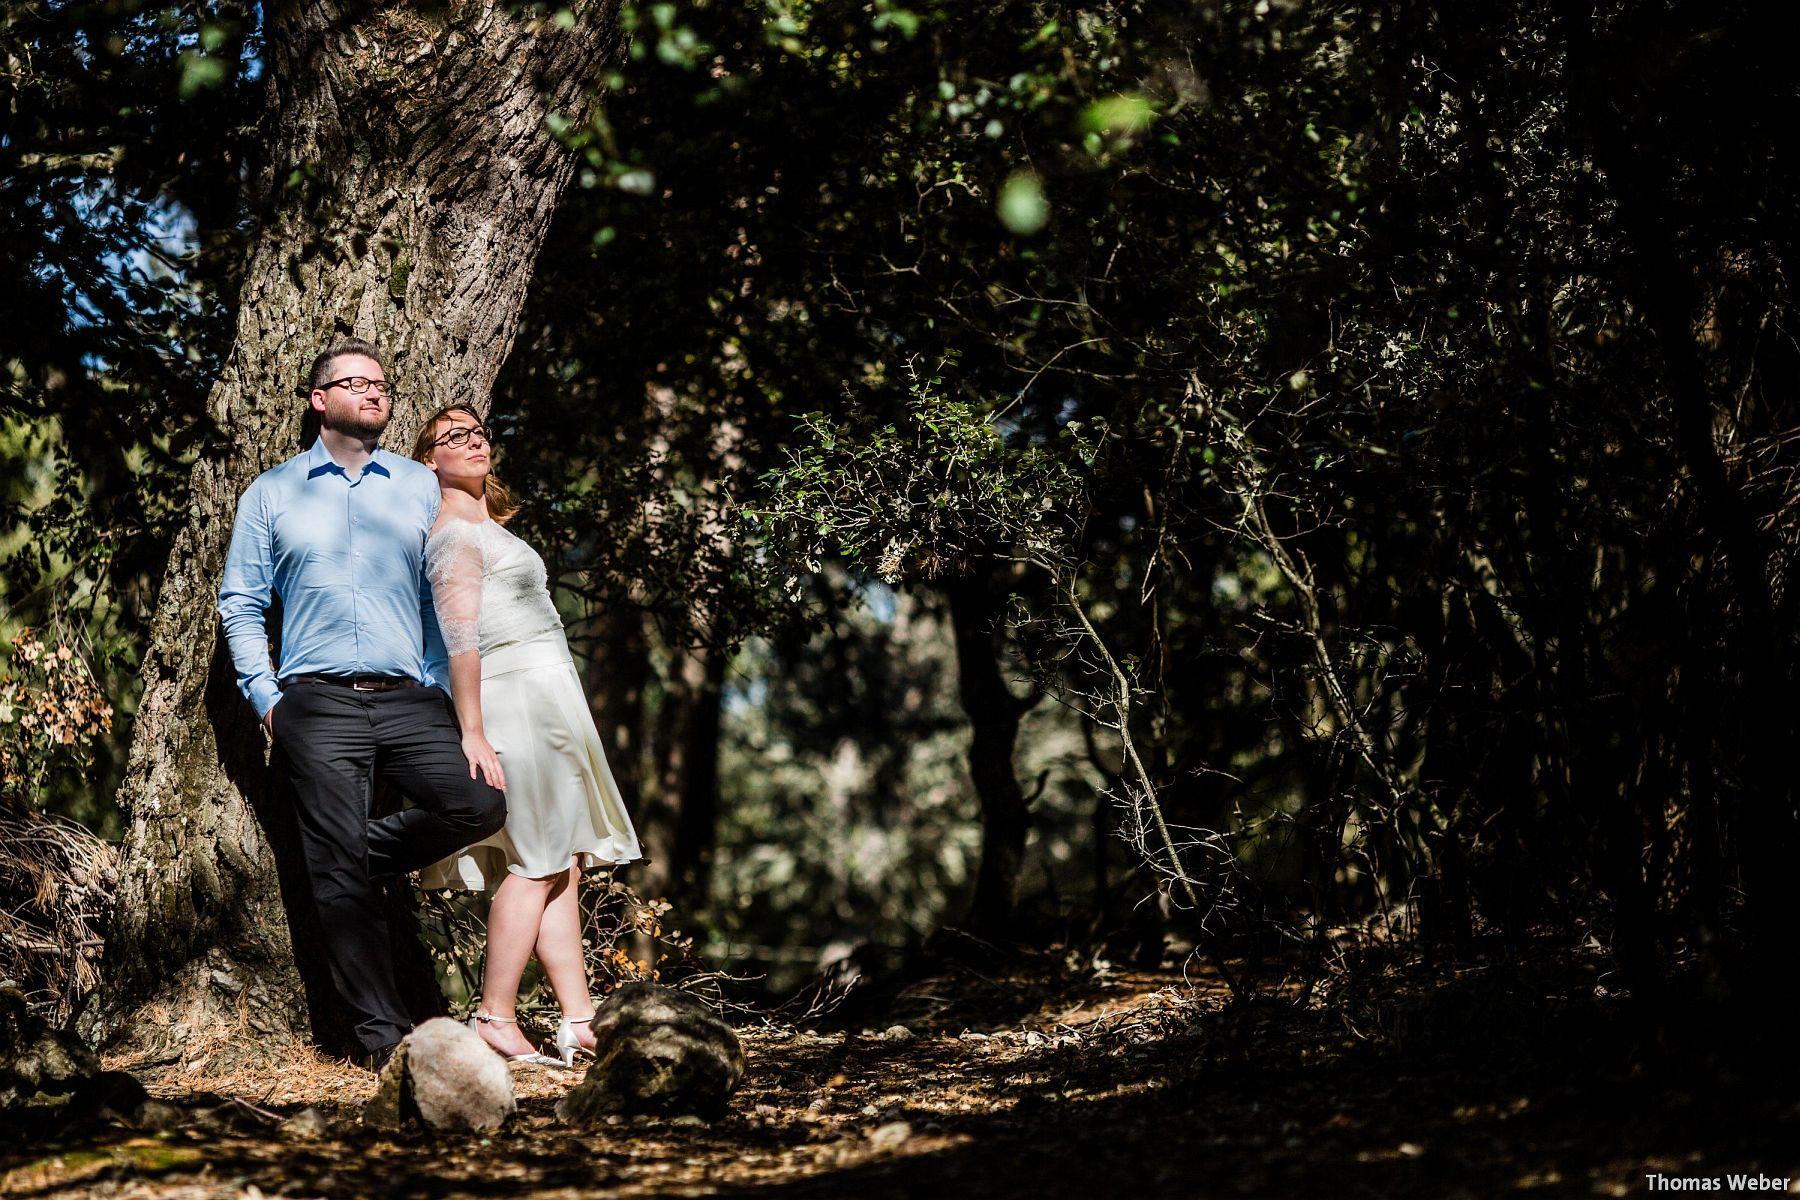 Hochzeitsfotograf Thomas Weber aus Oldenburg: Hochzeitsfotos und Paarfotos auf Mallorca (41)